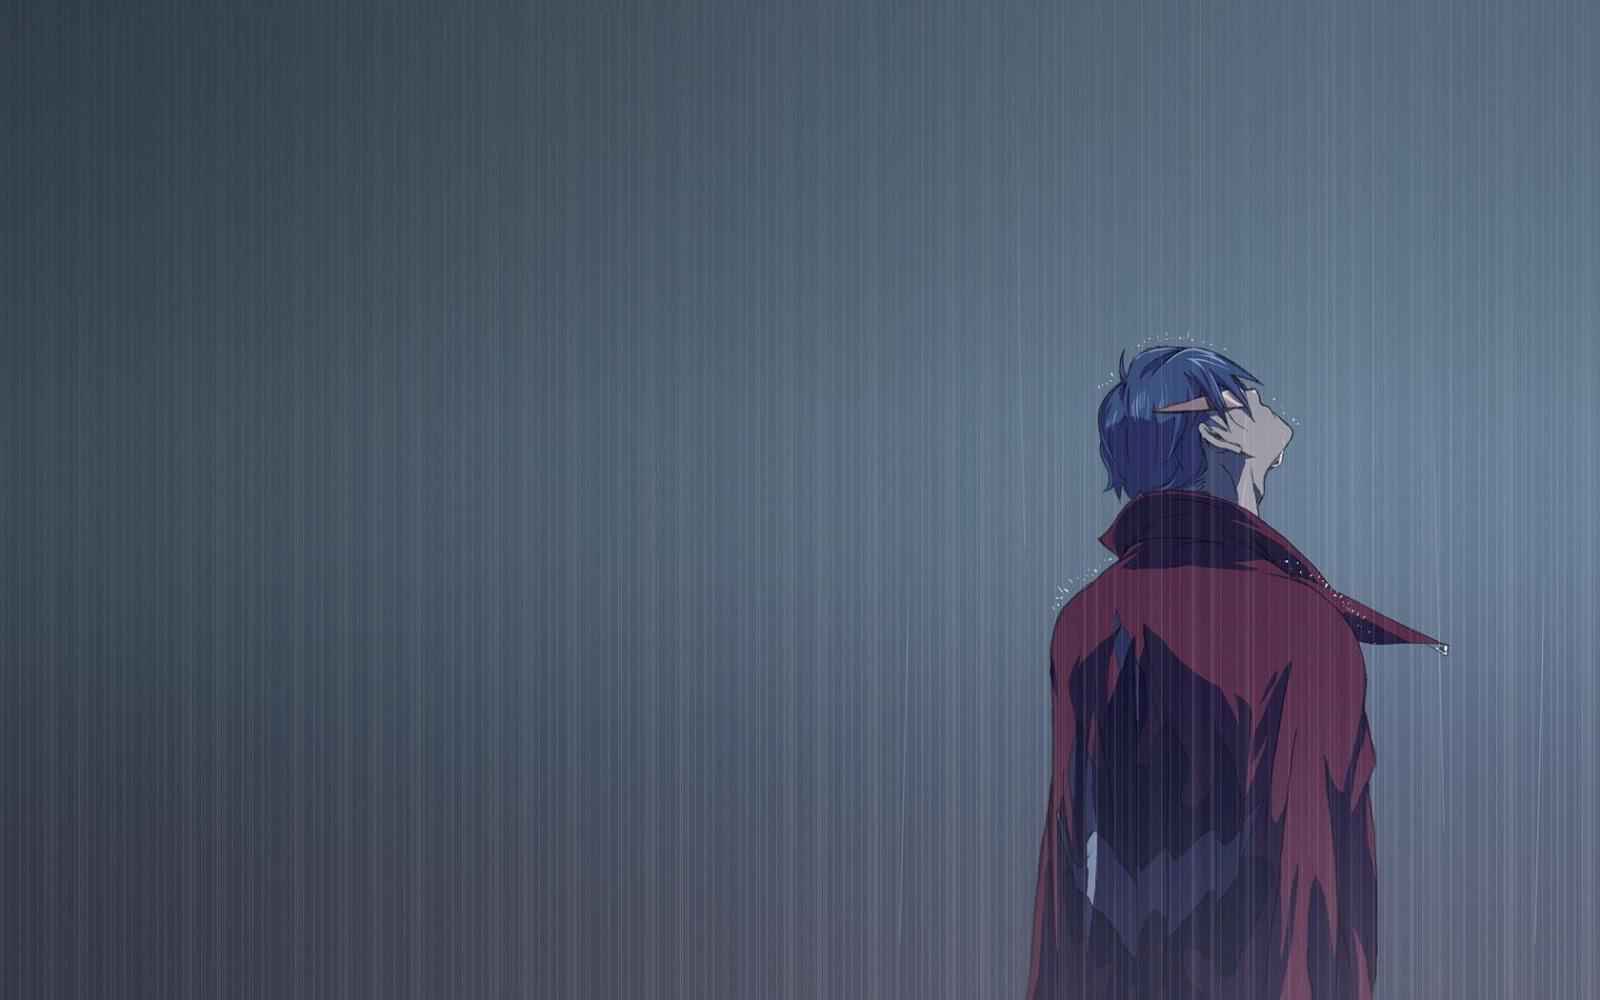 Tengen+Toppa+Gurren+Lagann+Wallpaper+Simon+and+Kamina+www.animeversus ...